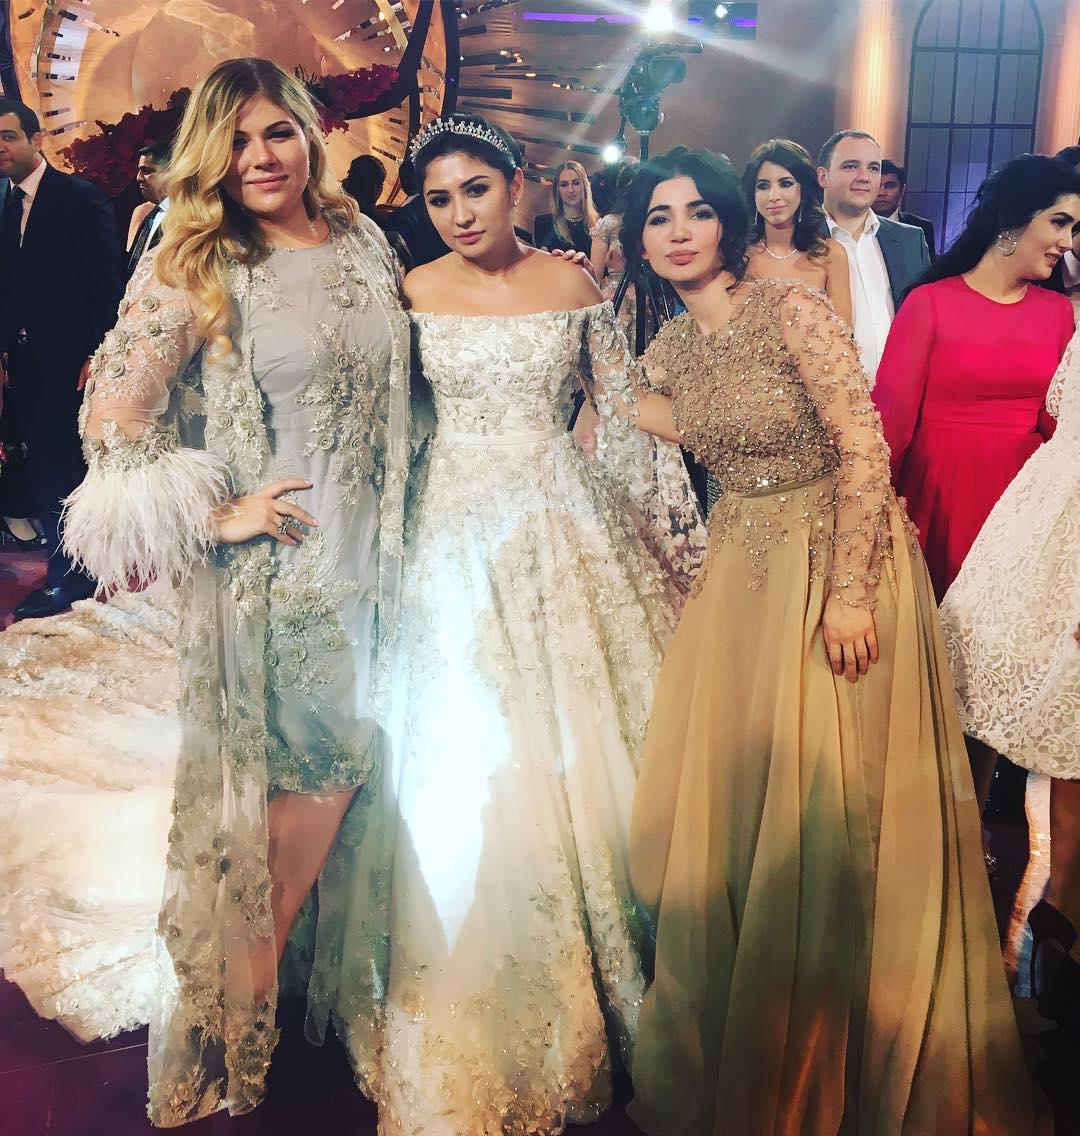 Așa arată cea mai extravagantă nuntă din Rusia4